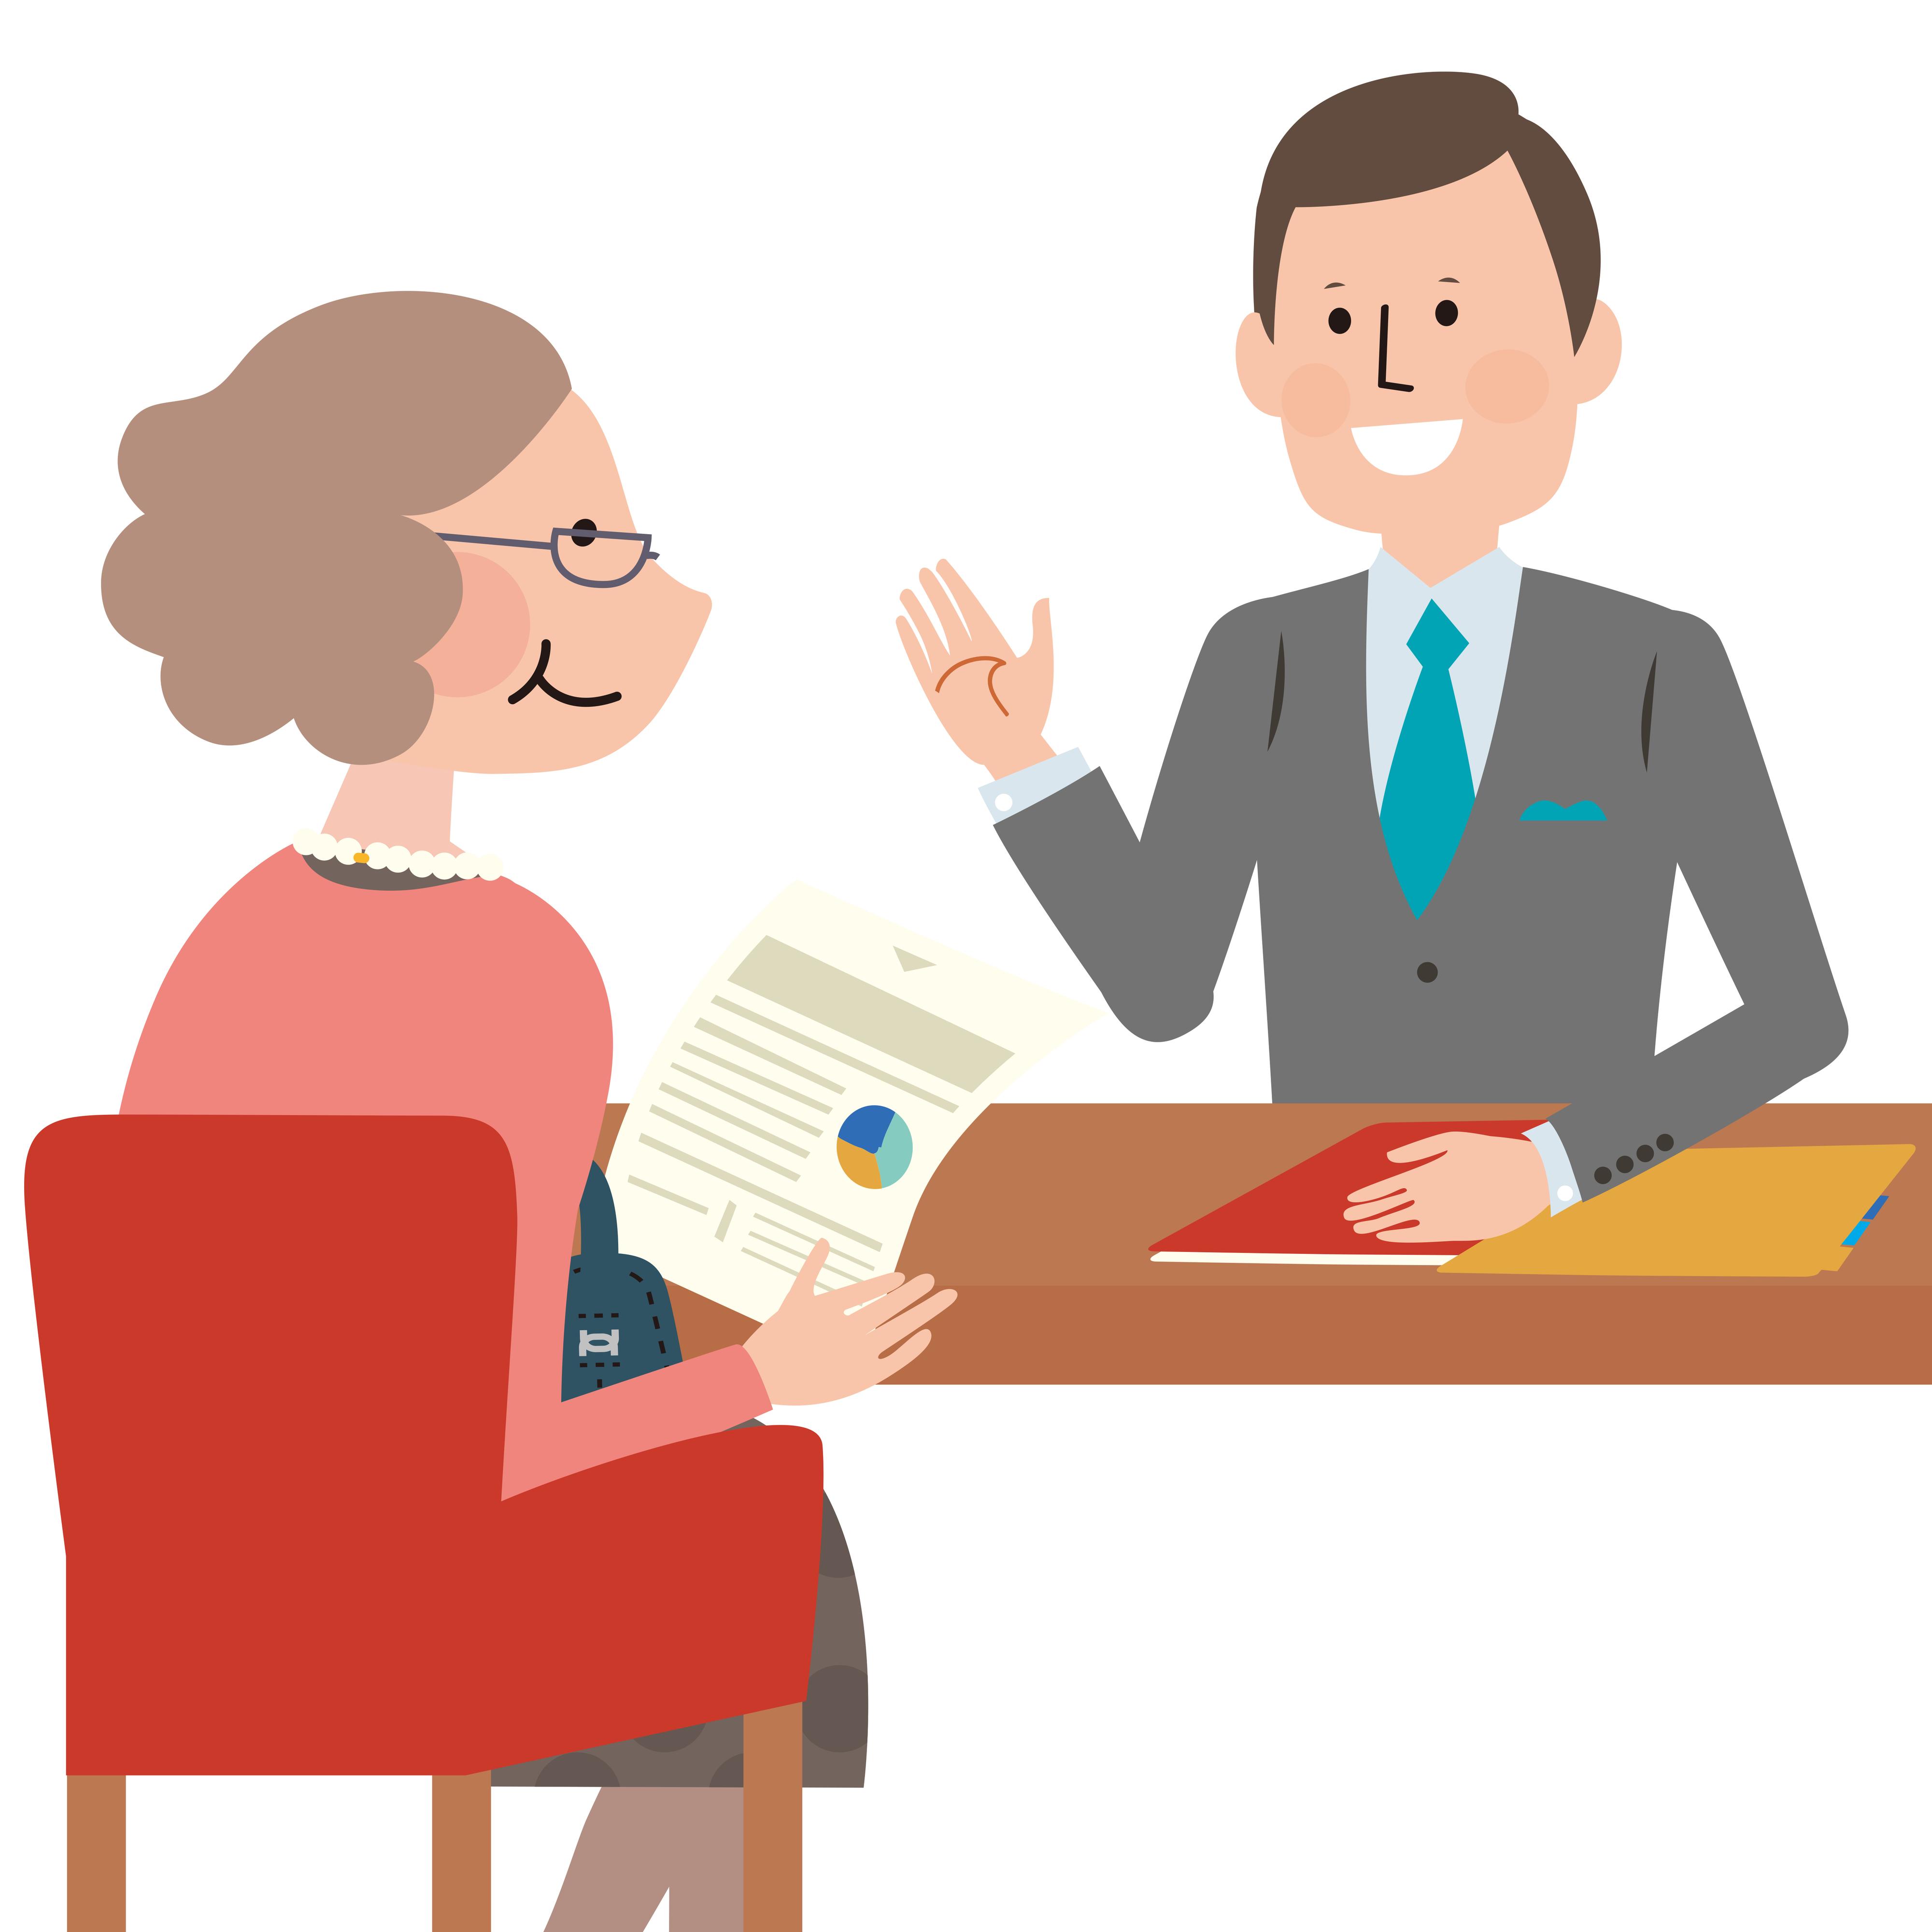 融資について相談する人